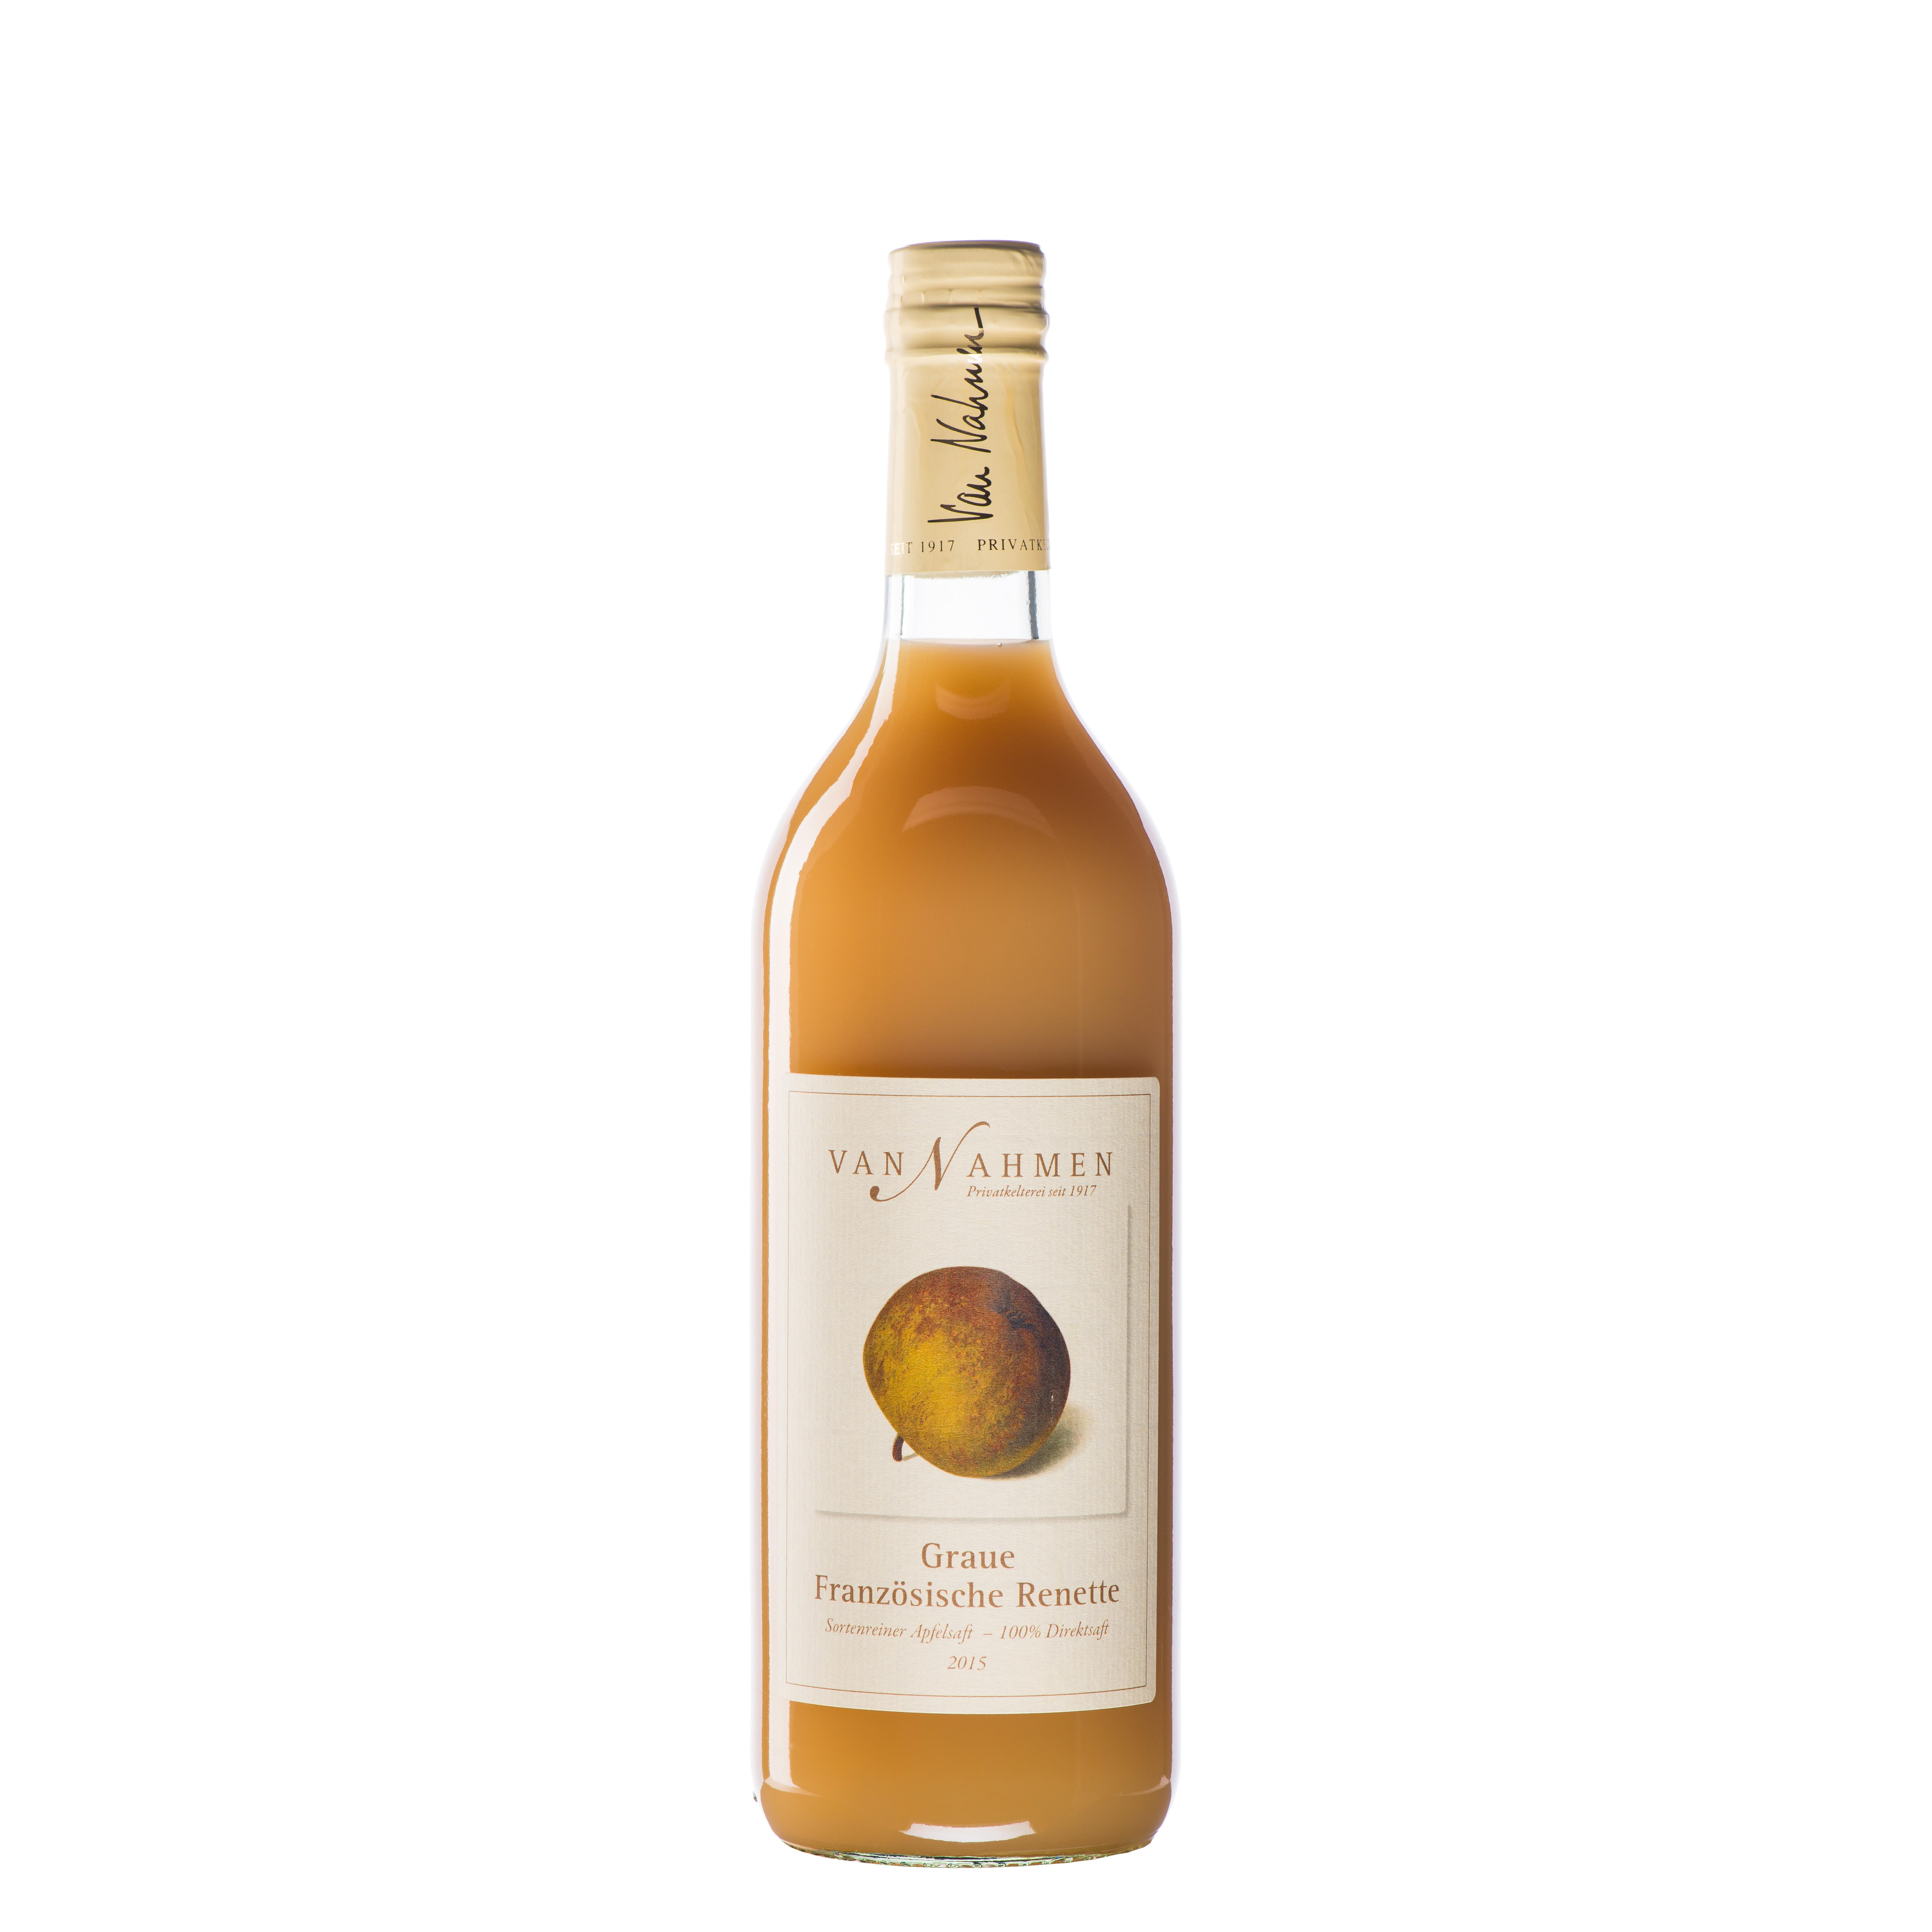 Van Nahmen Apfelsaft Graue französische Renette sortenreiner Apfelsaft Gourmetsaft